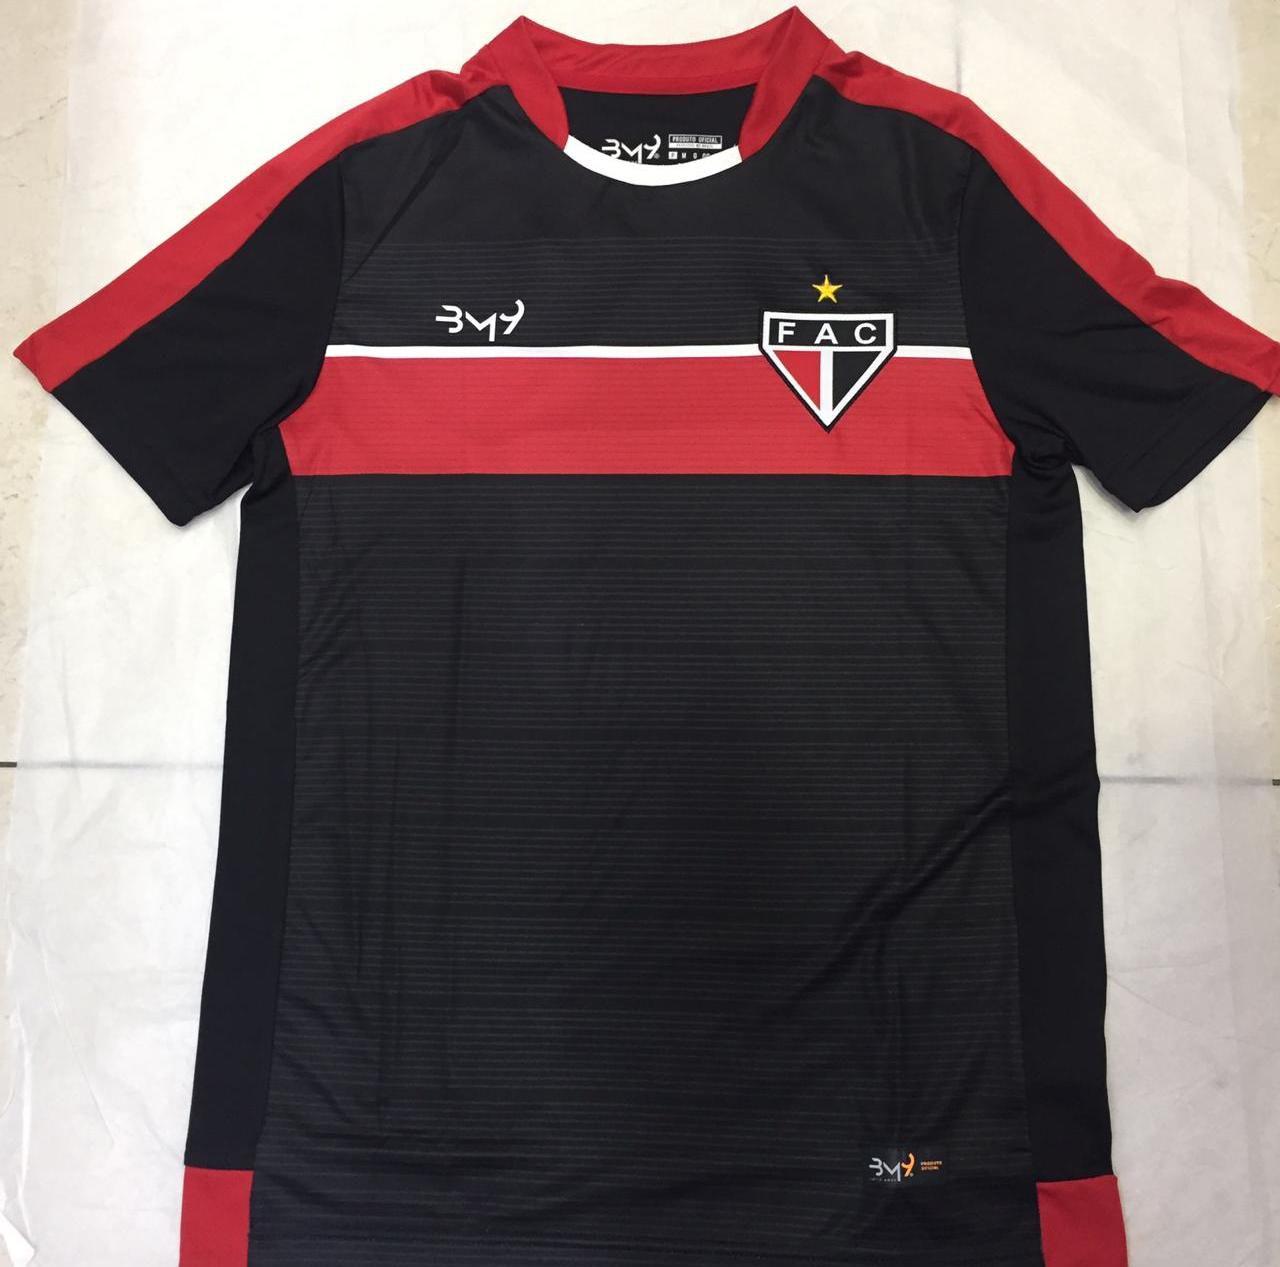 Kit dos pais (camisa treino + boné + caixa)